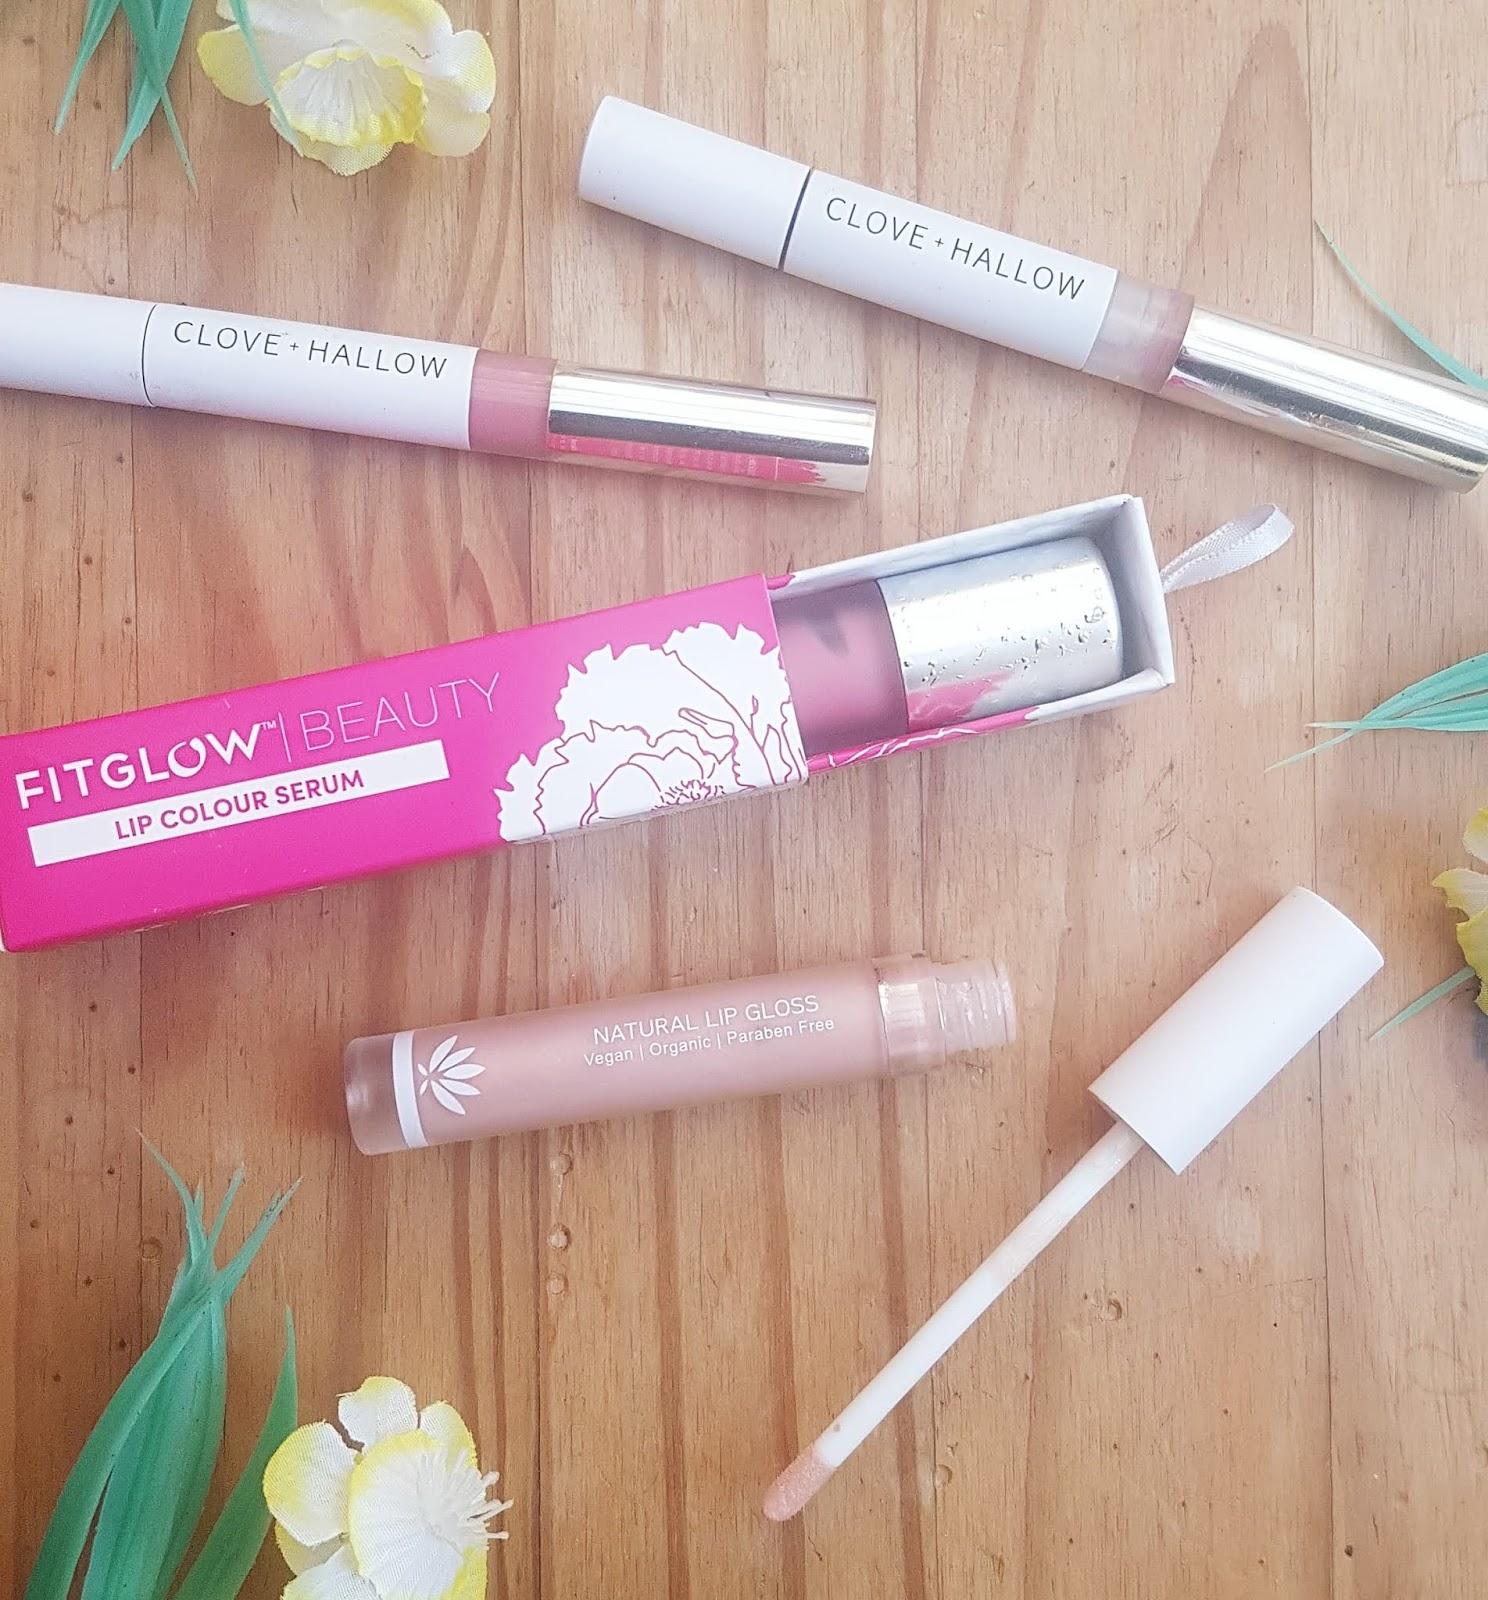 Clove + Hallow lip glaze, Fitglow lip serum, PHB lip gloss - Best Makeup of 2019